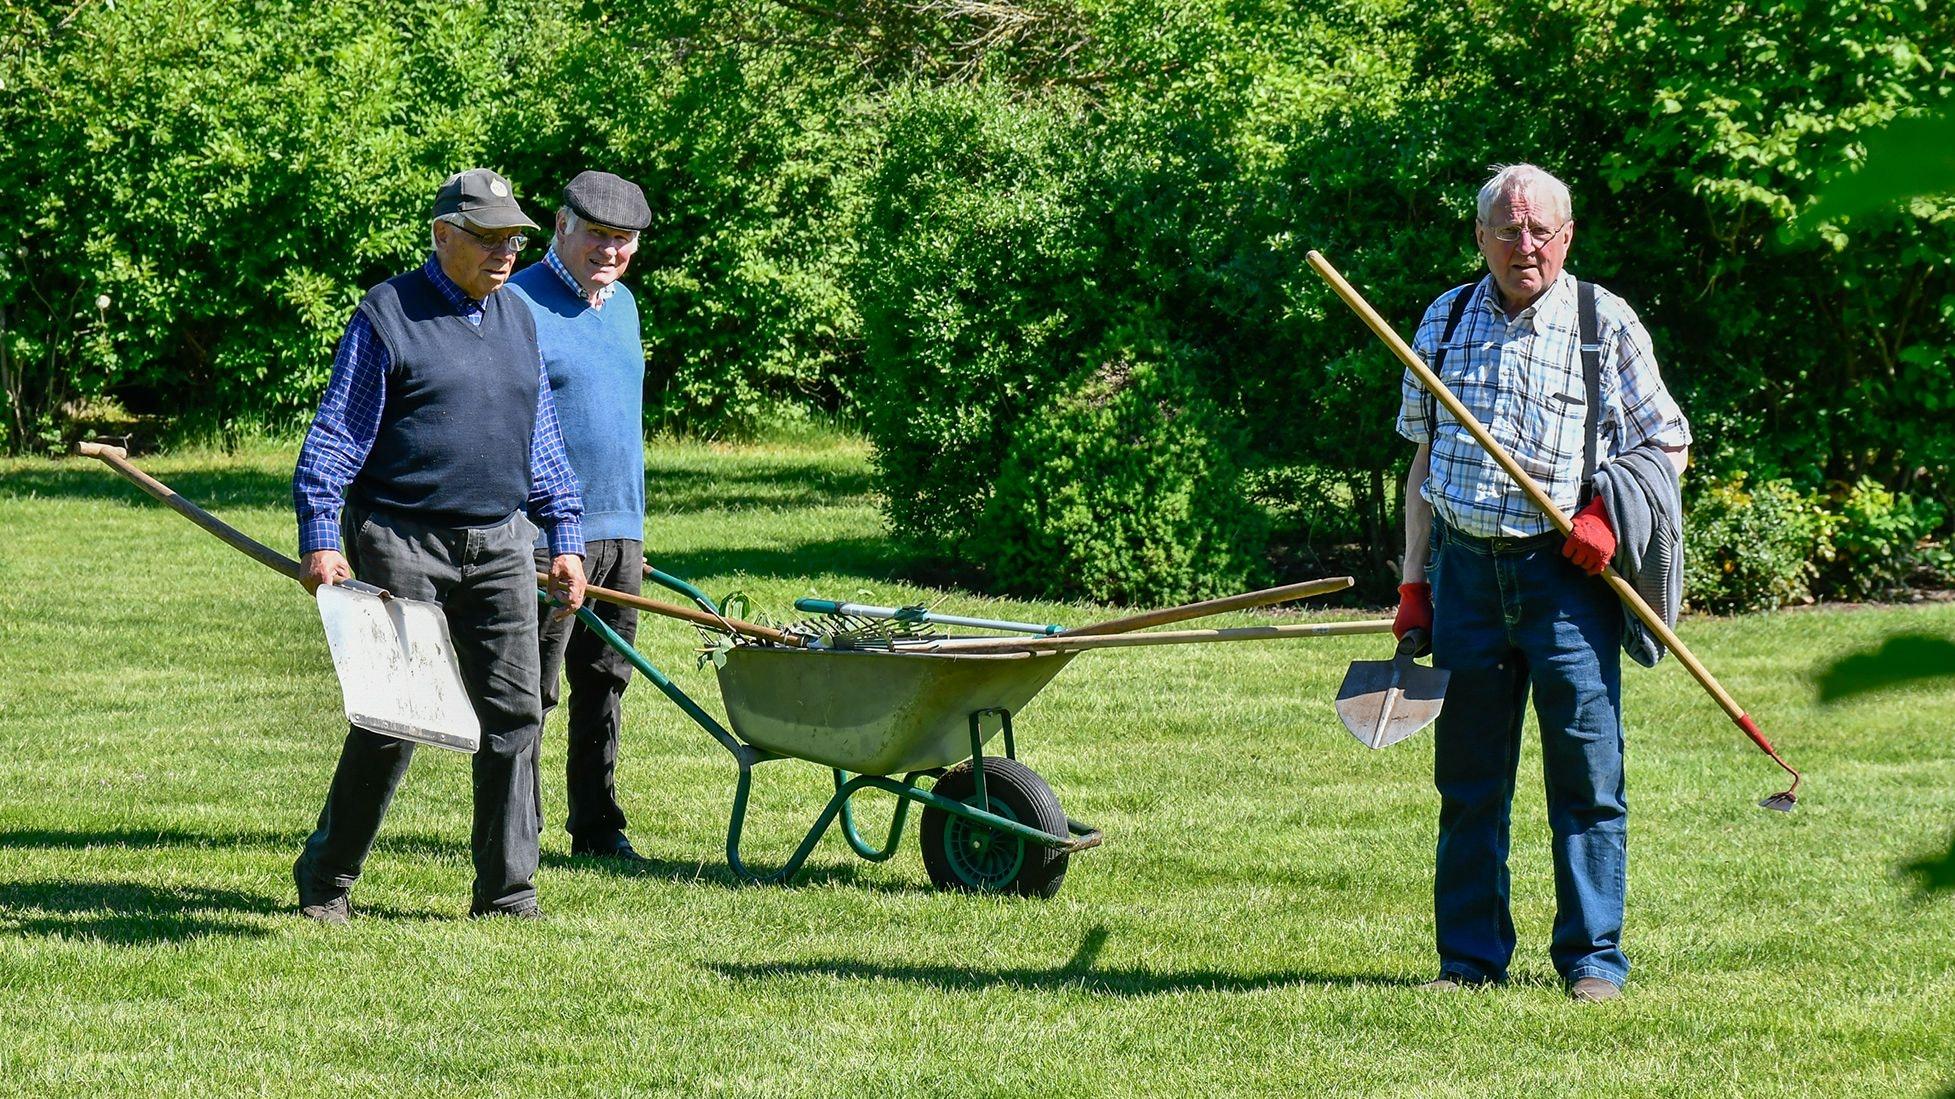 Vor der gemütlichen Runde nach getaner Arbeit: Bernhard Gäking, Bernard Echtermann und Gerhard Mela (von links) bringen erst das Werkzeug weg. Fotos: Vollmer